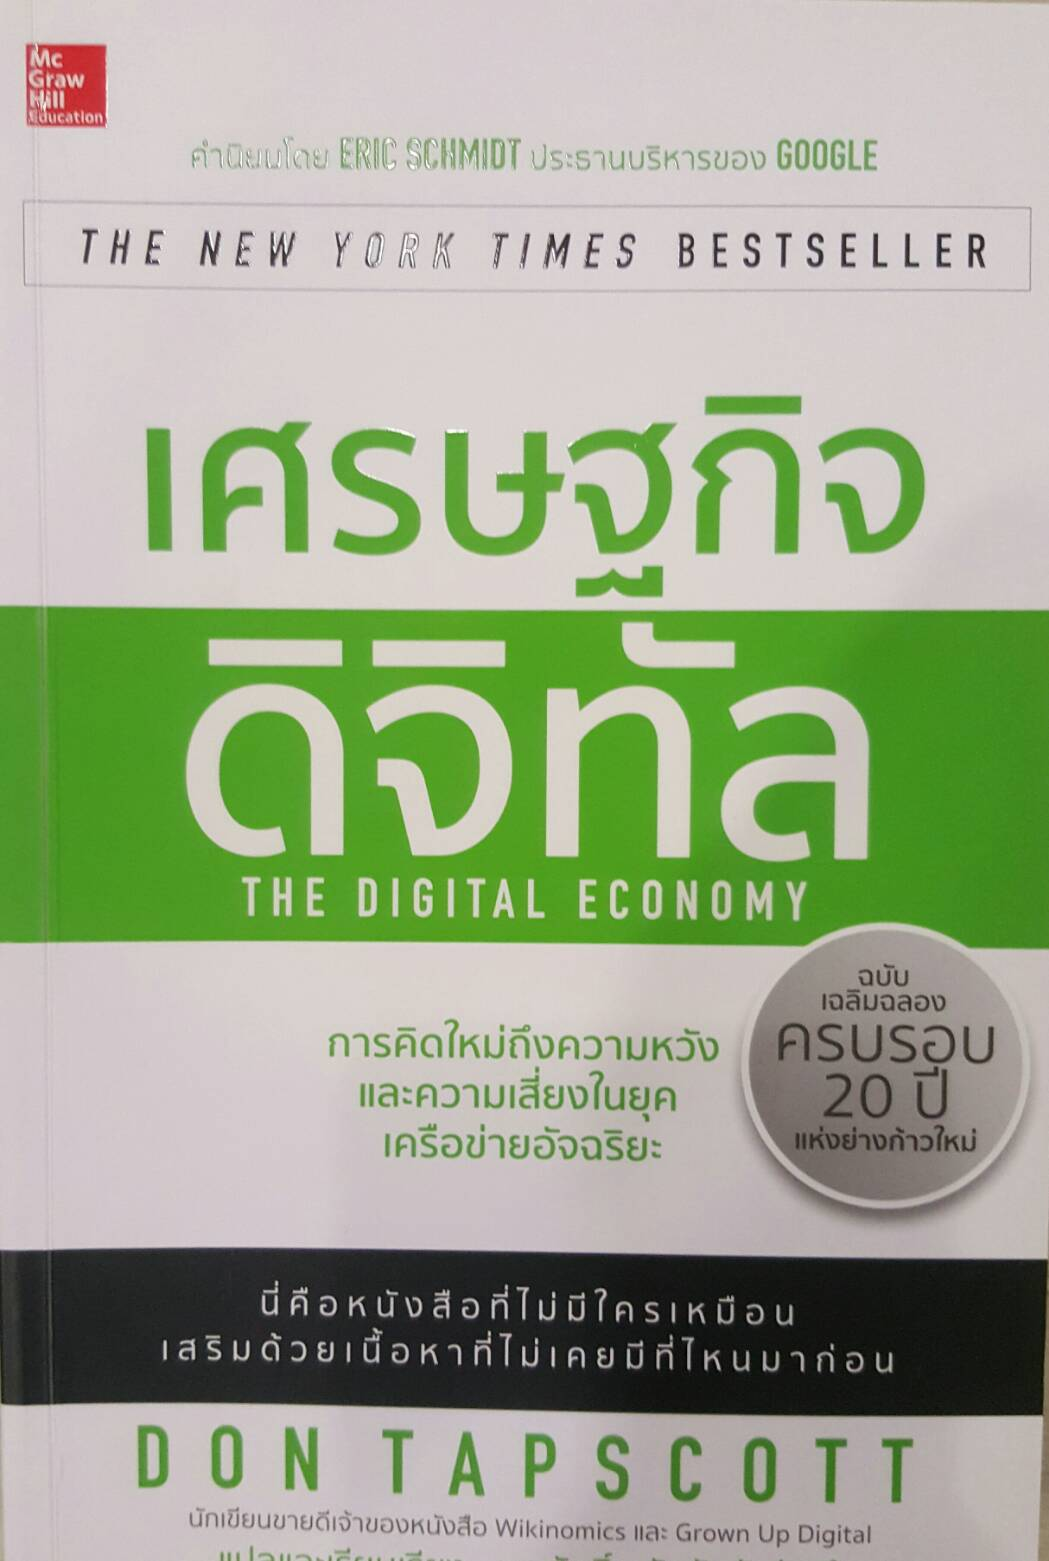 เศรษฐกิจดิจิทัล THE DIGITAL ECONOMY